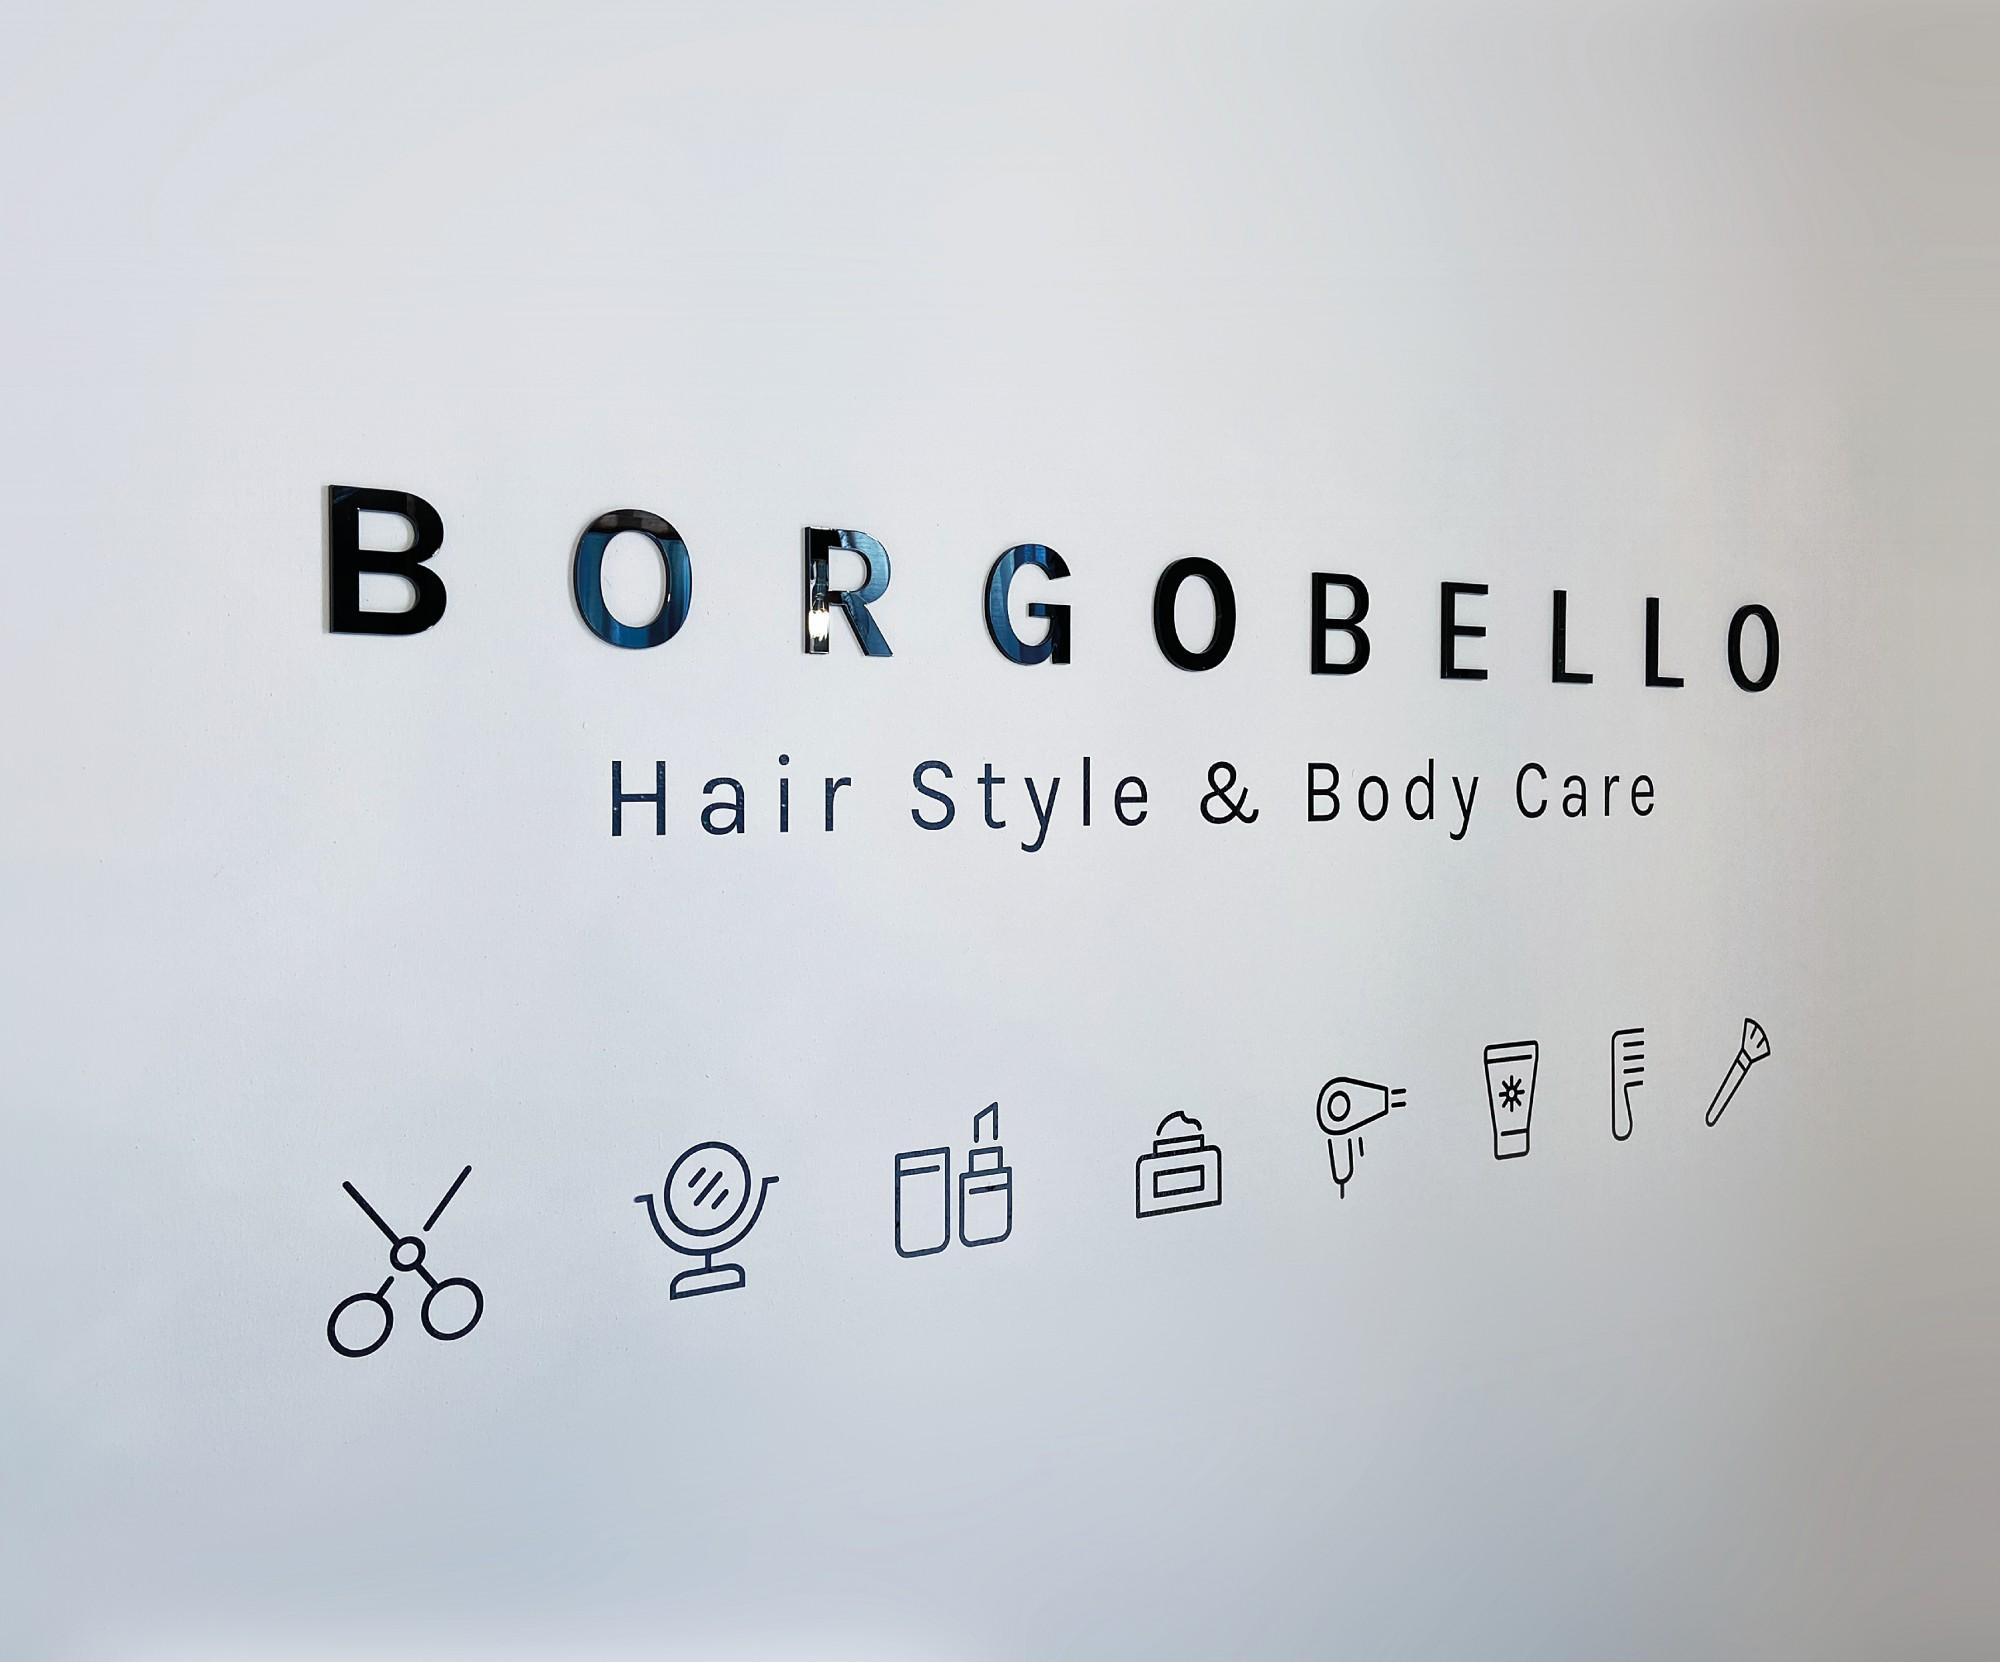 BORGOBELLO - Corporate design